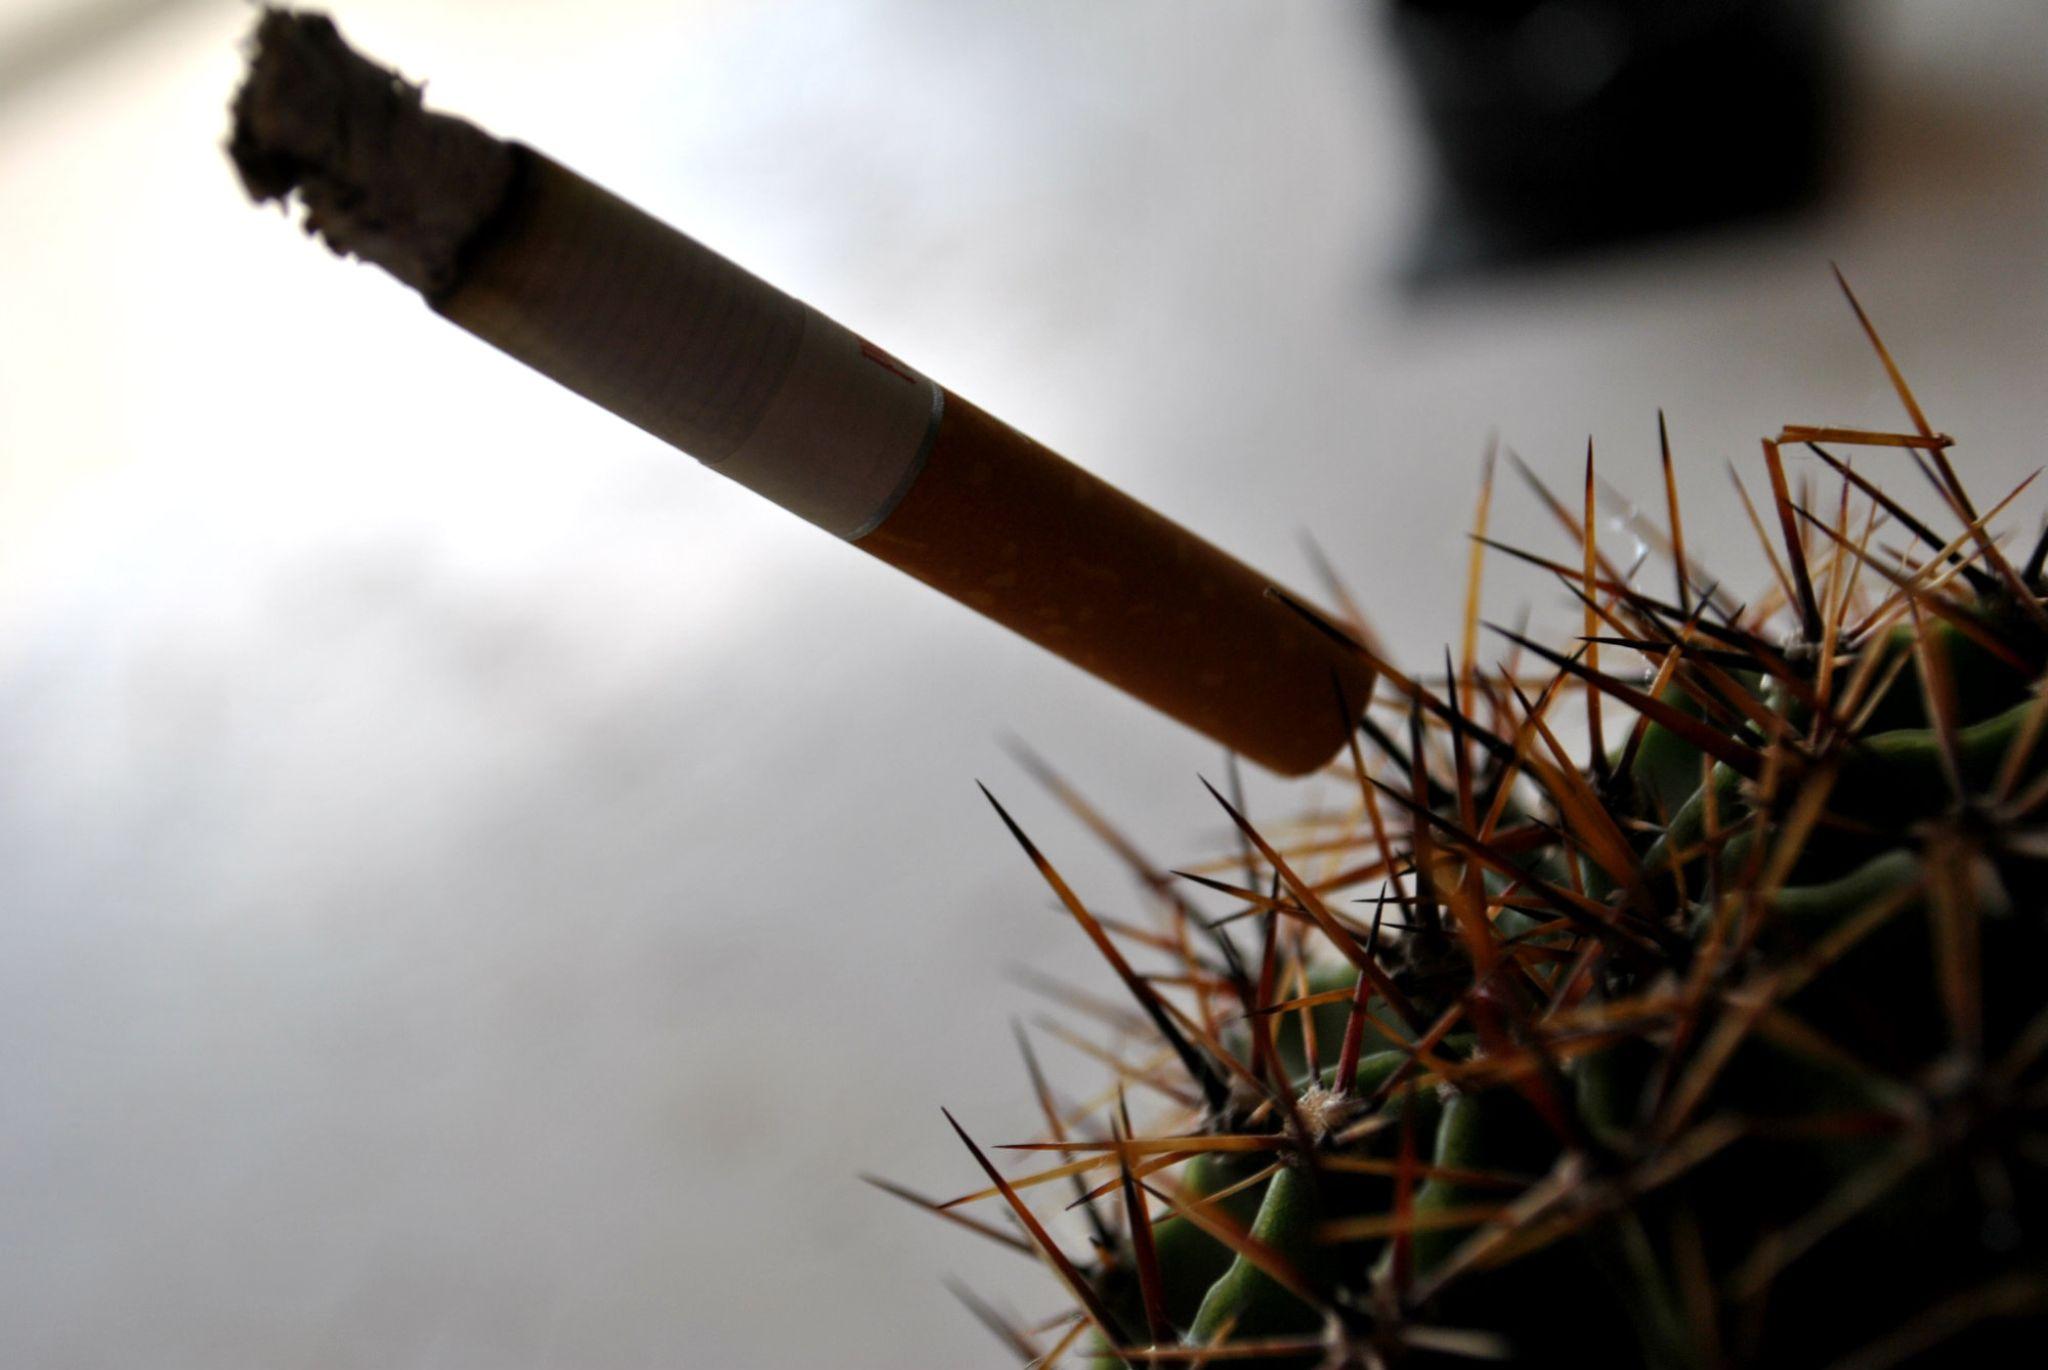 Smoking will kill you by Dino Hurić